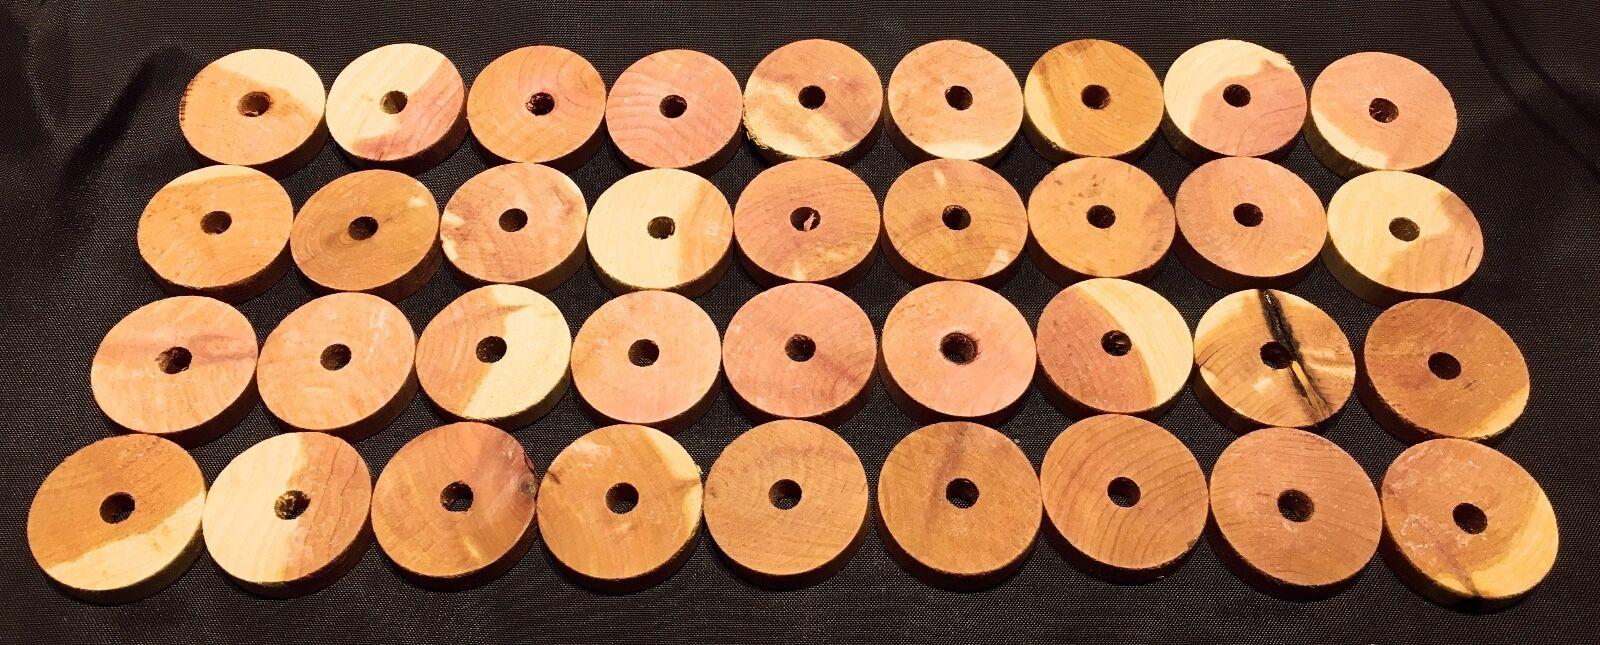 36 Stück Zedernholz-Ringe Mottenschutz Mottenringe Mottenkugeln 36 Stück OVP neu